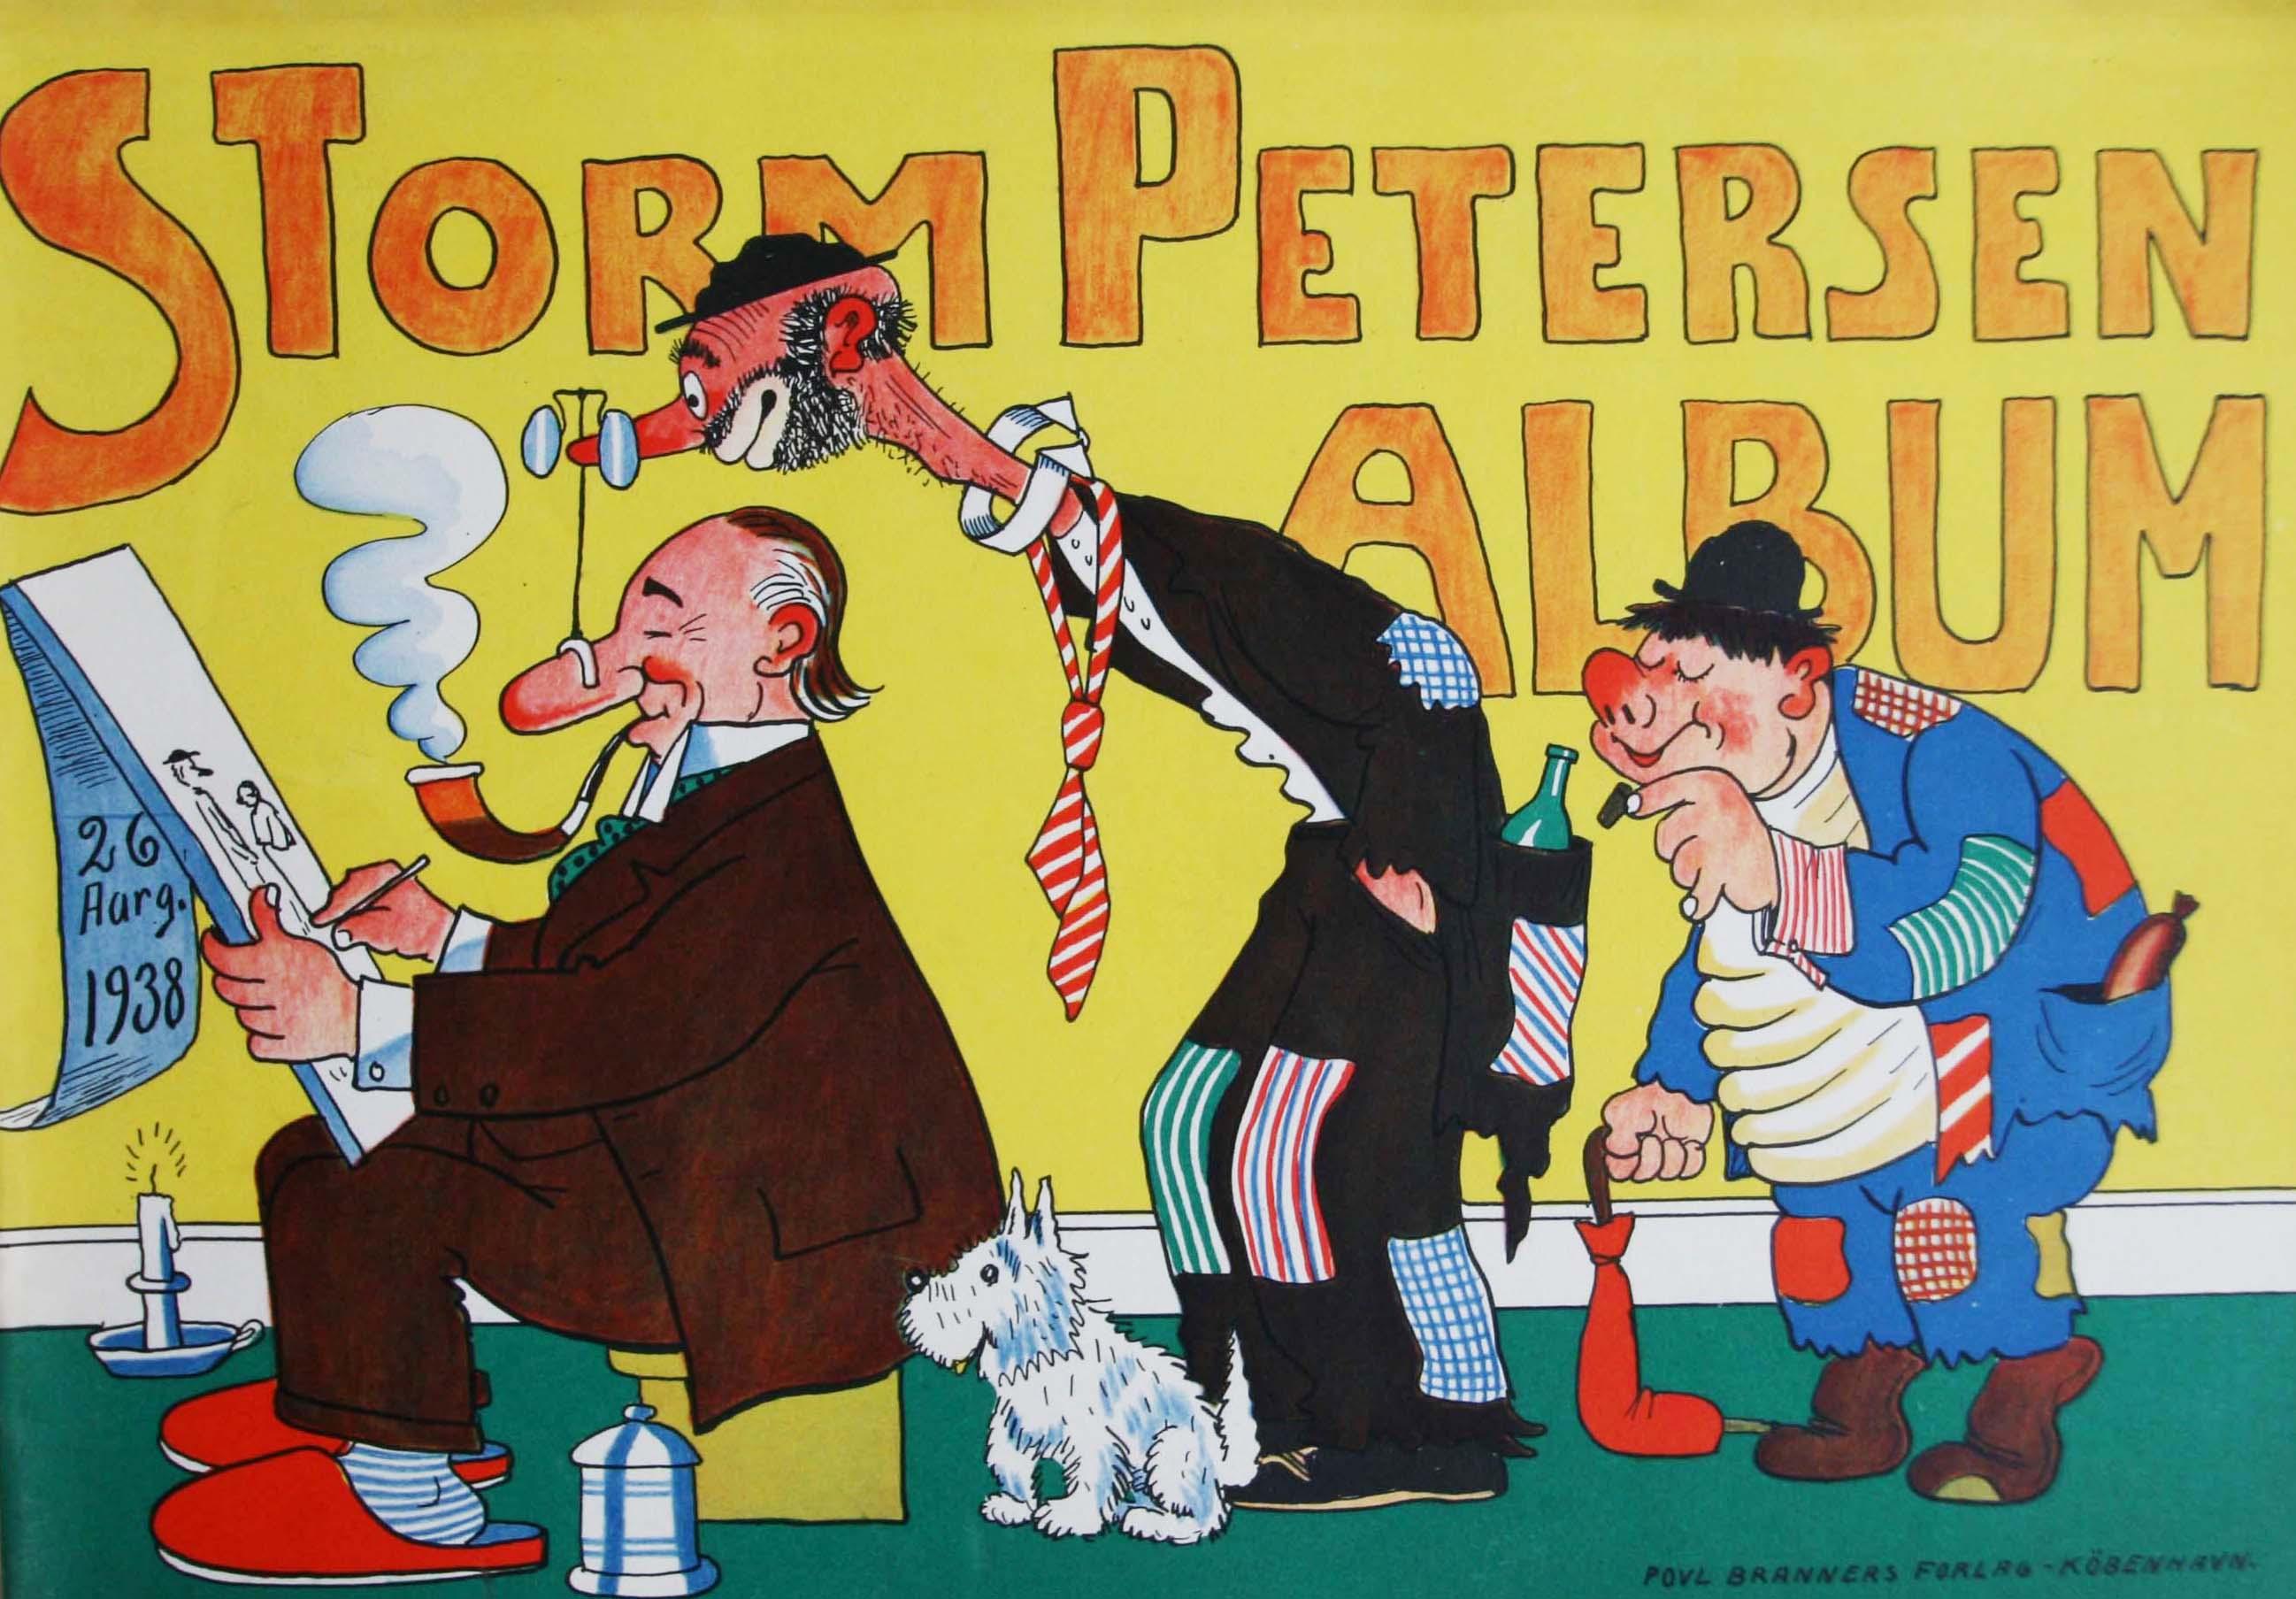 Robert Storm Petersen Storm P. Album 1938